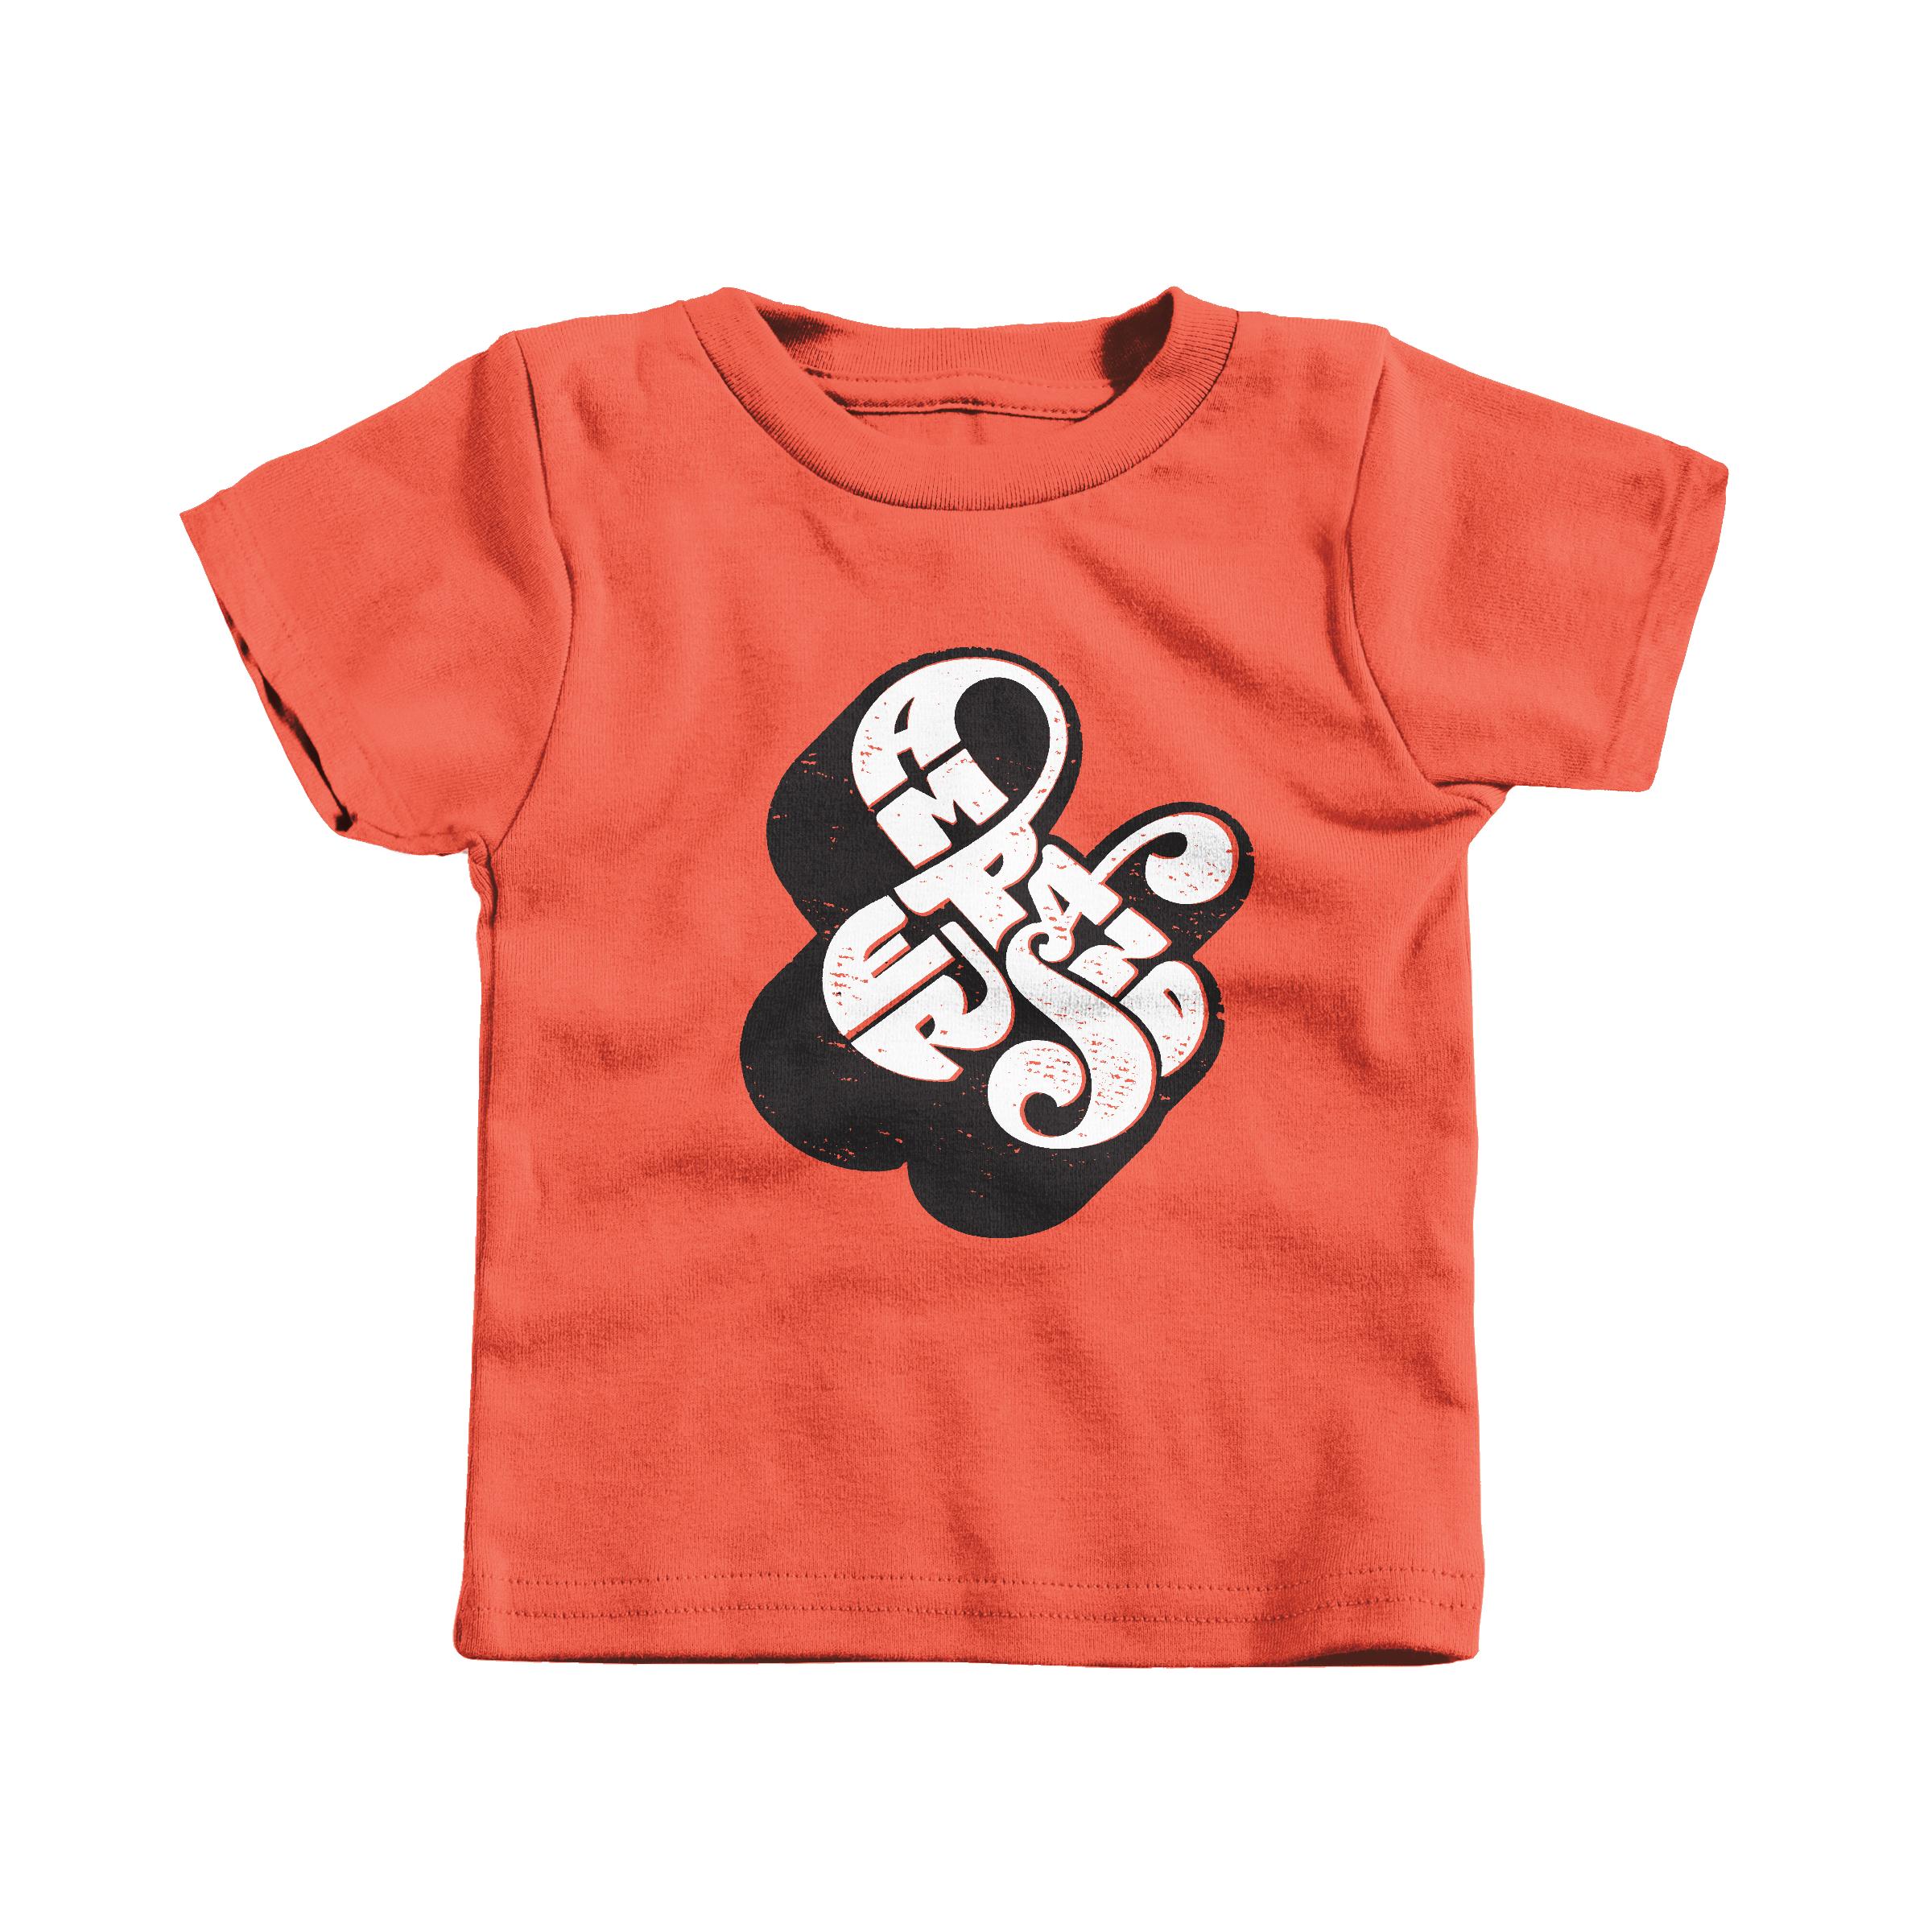 Self-Referential Ampersand Orange (Infant)